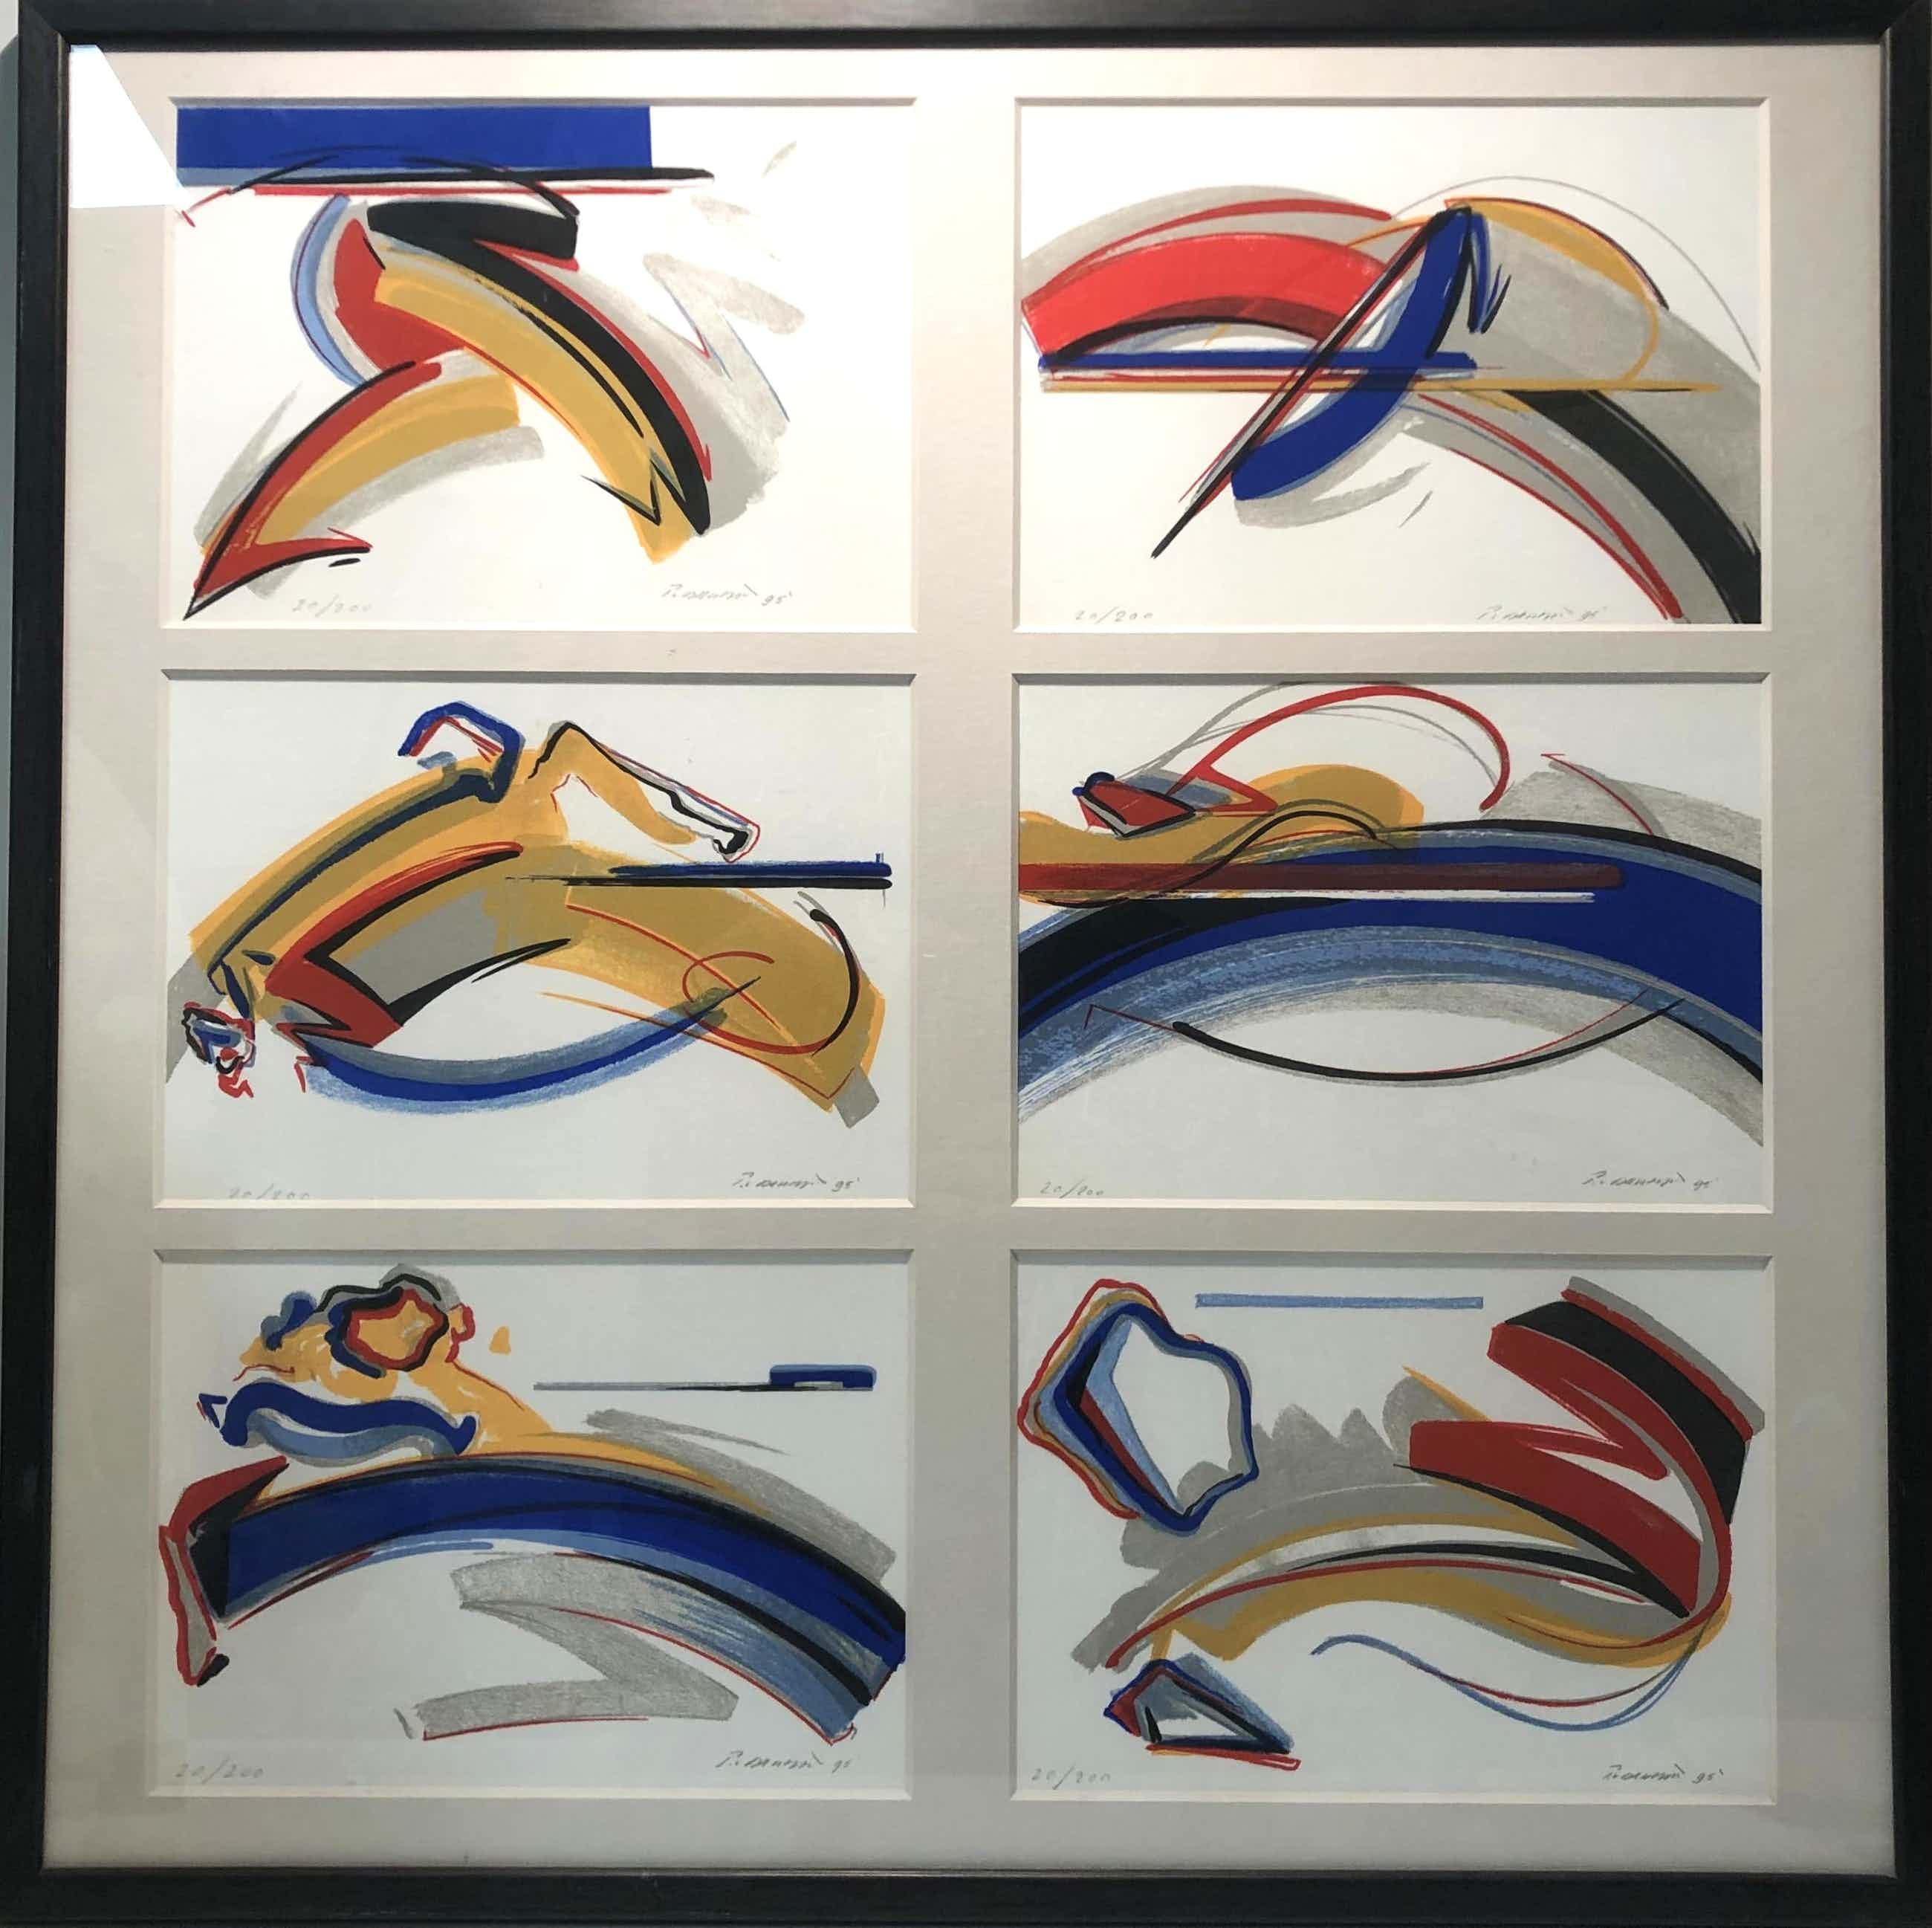 Peter van Drumpt - Abstracte composities kopen? Bied vanaf 80!